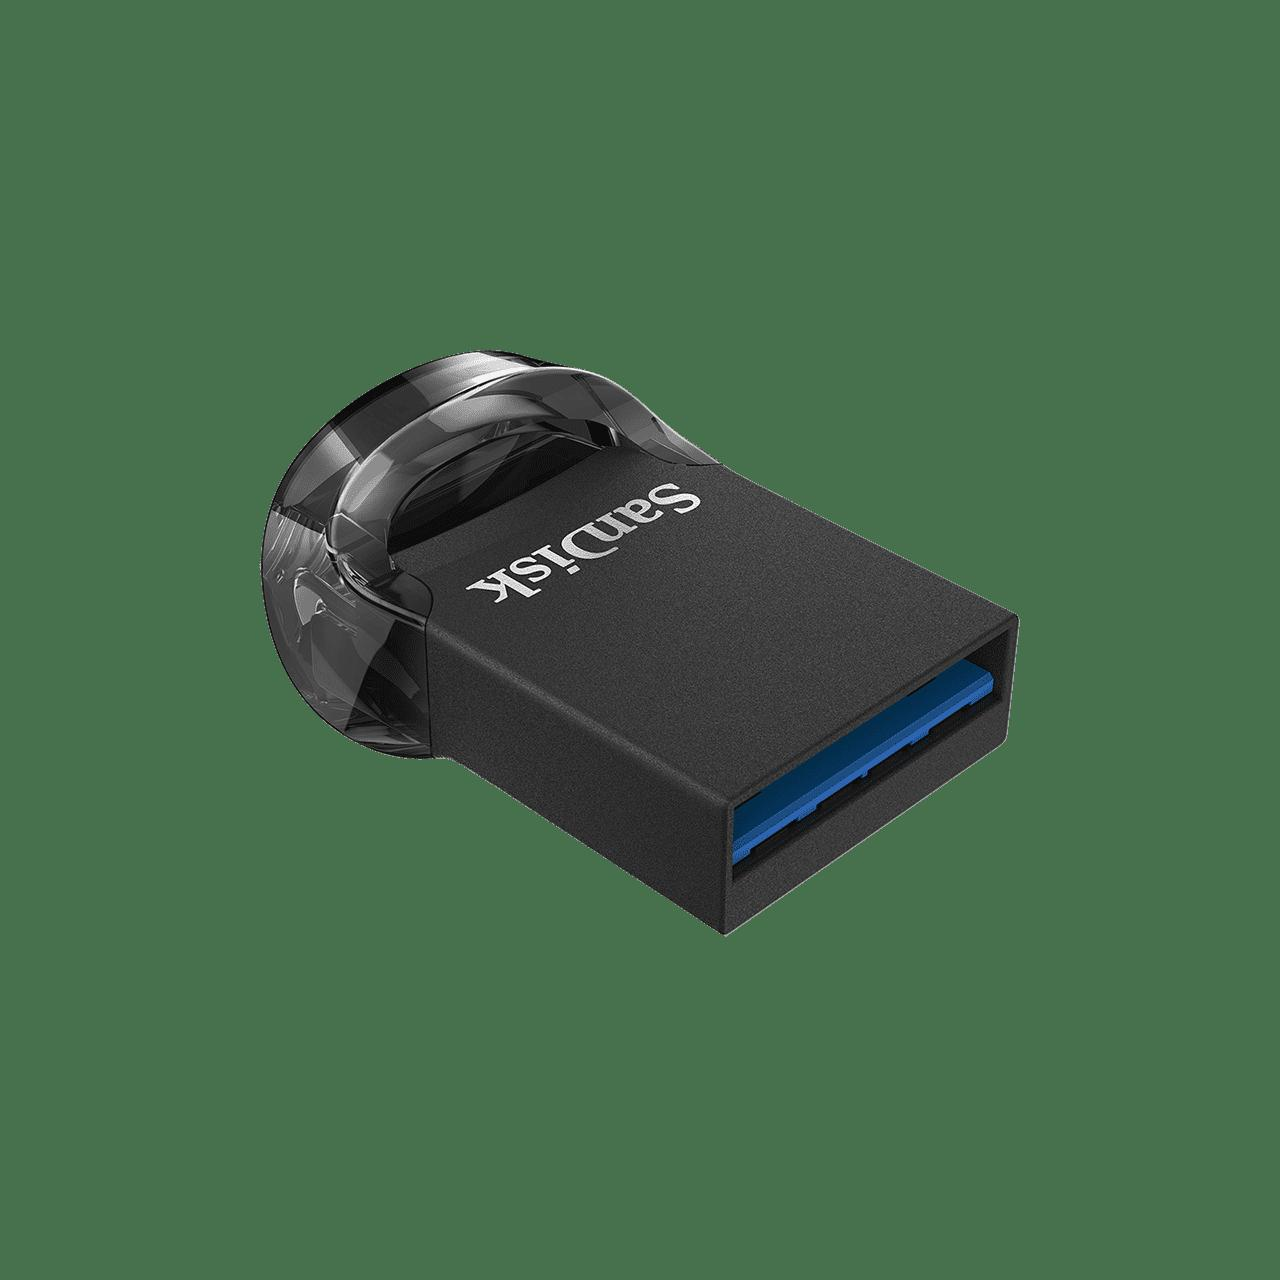 画像1: ウエスタンデジタルはサンディスクブランド「Ultra Fit (ウルトラフィット) USB 3.1 フラッシュドライブ 512GB」を4月3日より発売。